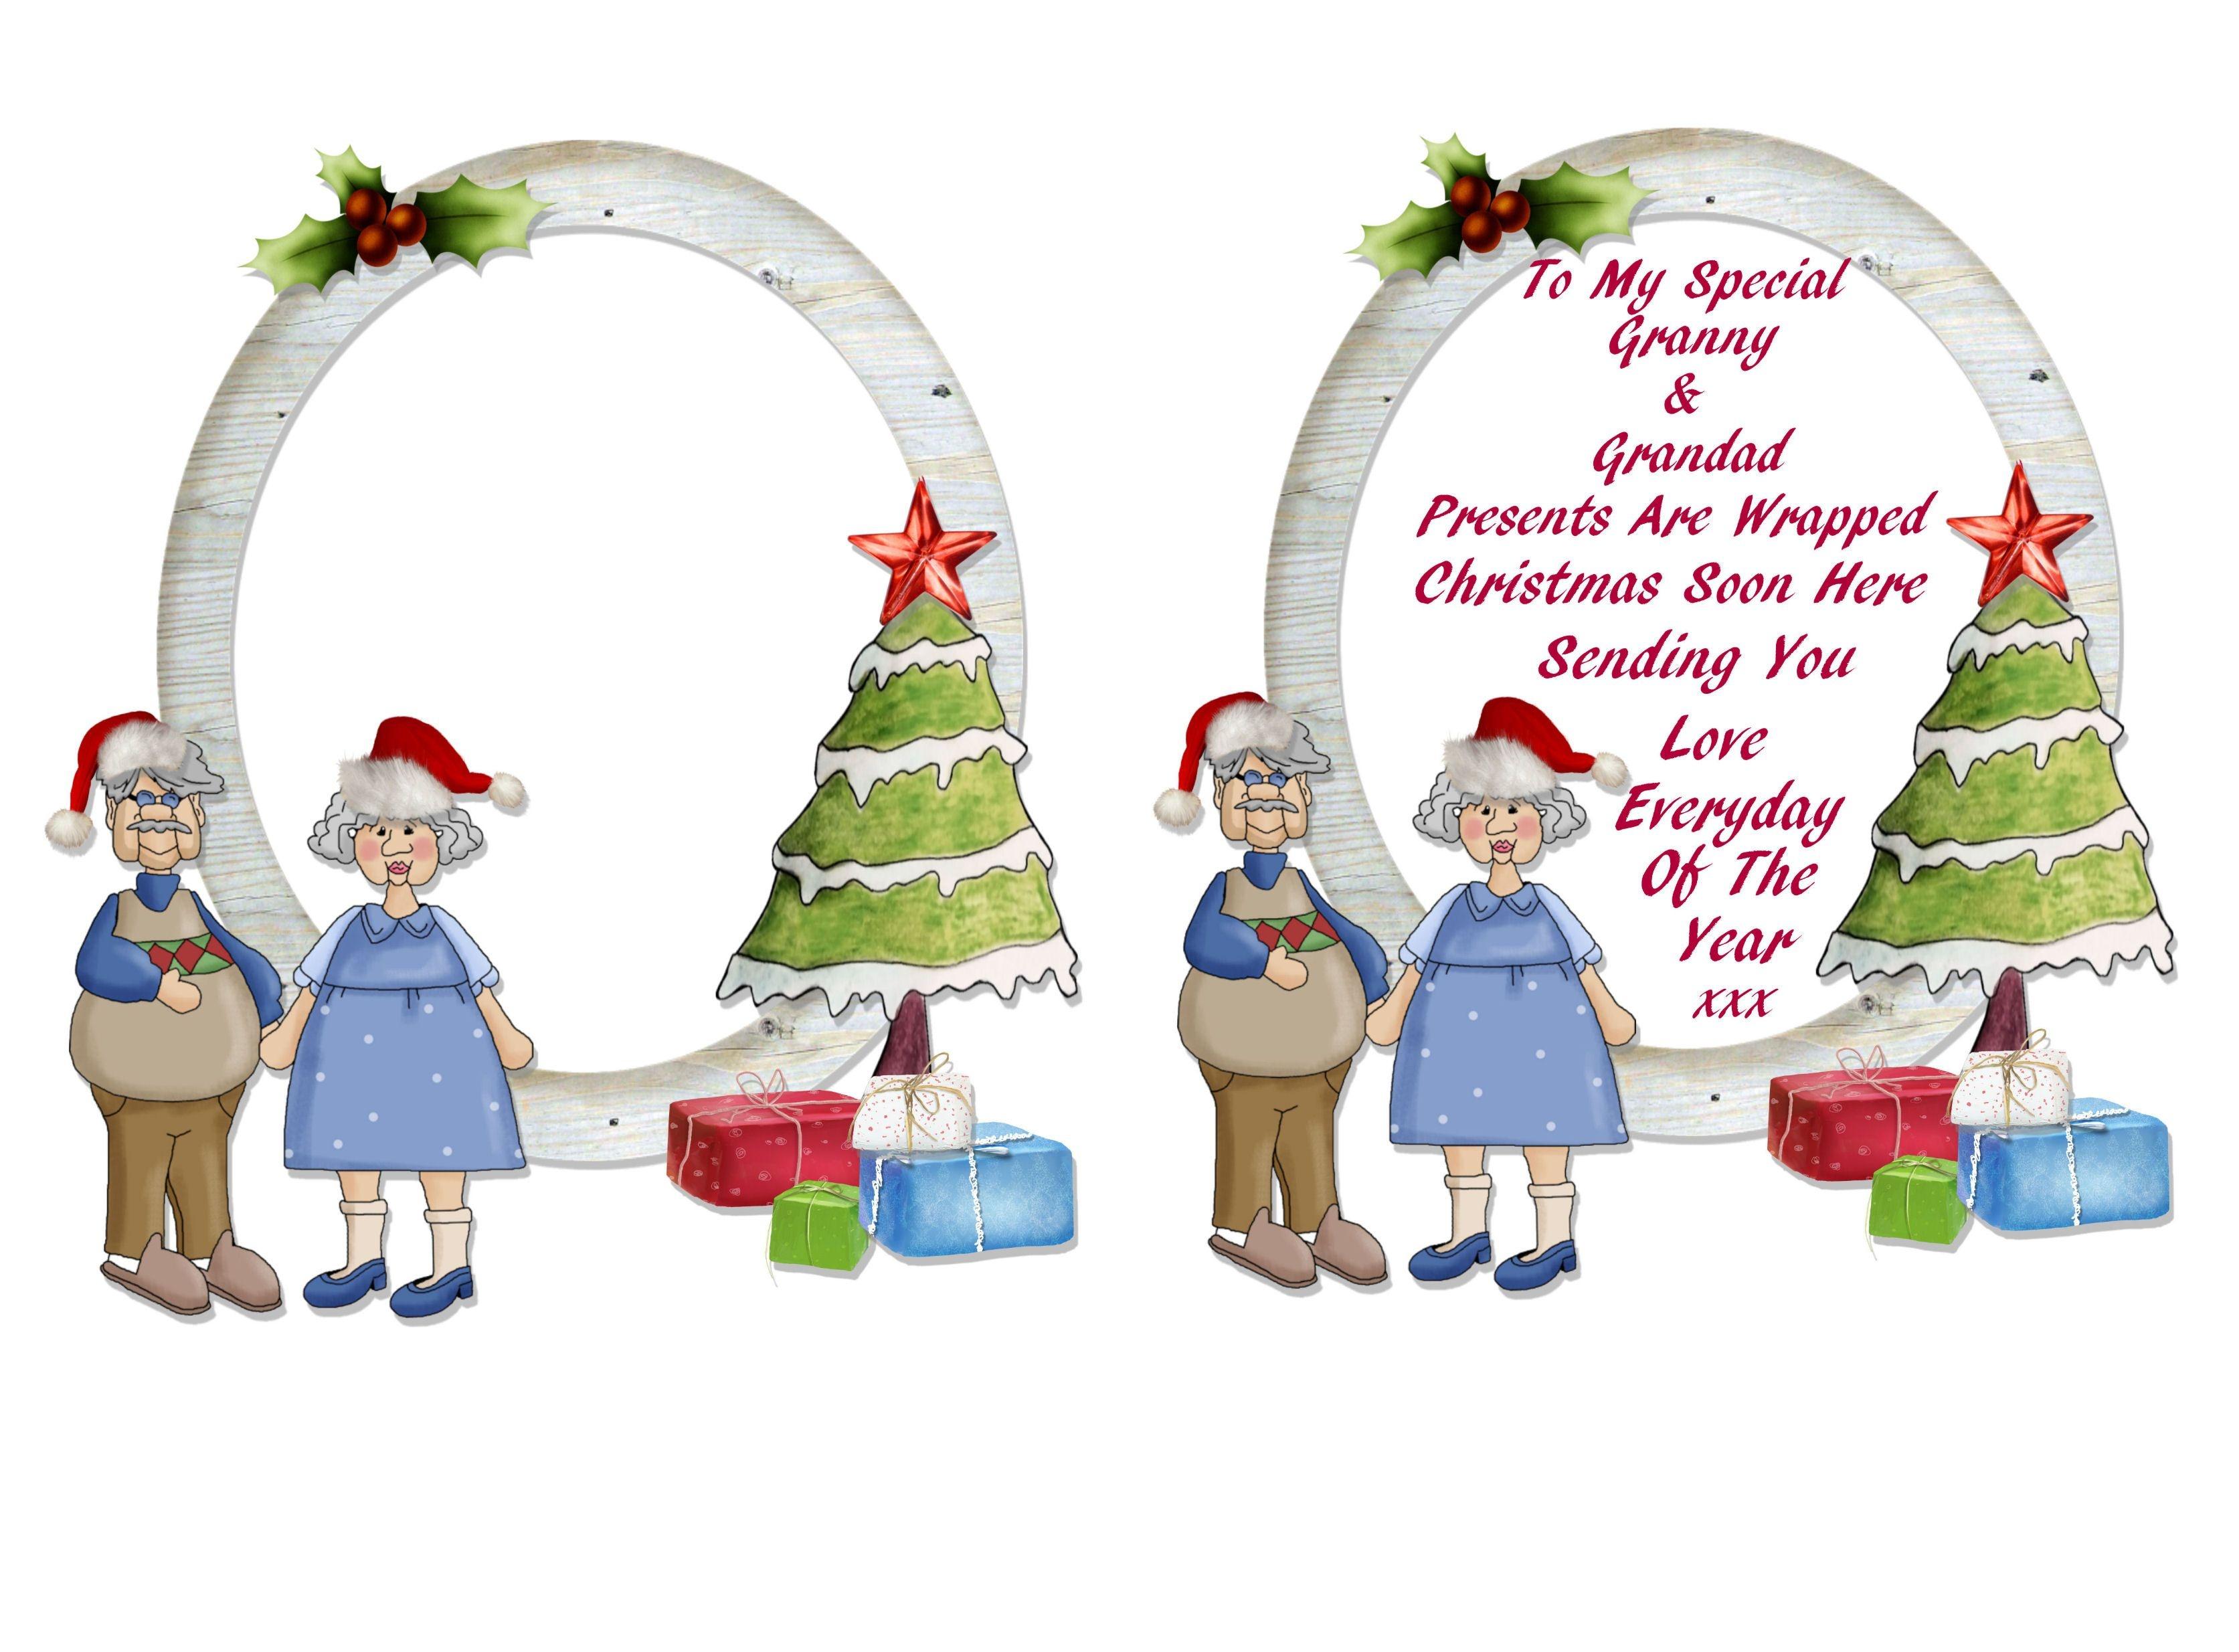 Free Printable Christmas Cards |  Moments » Christmas Freebie - Free Printable Xmas Cards